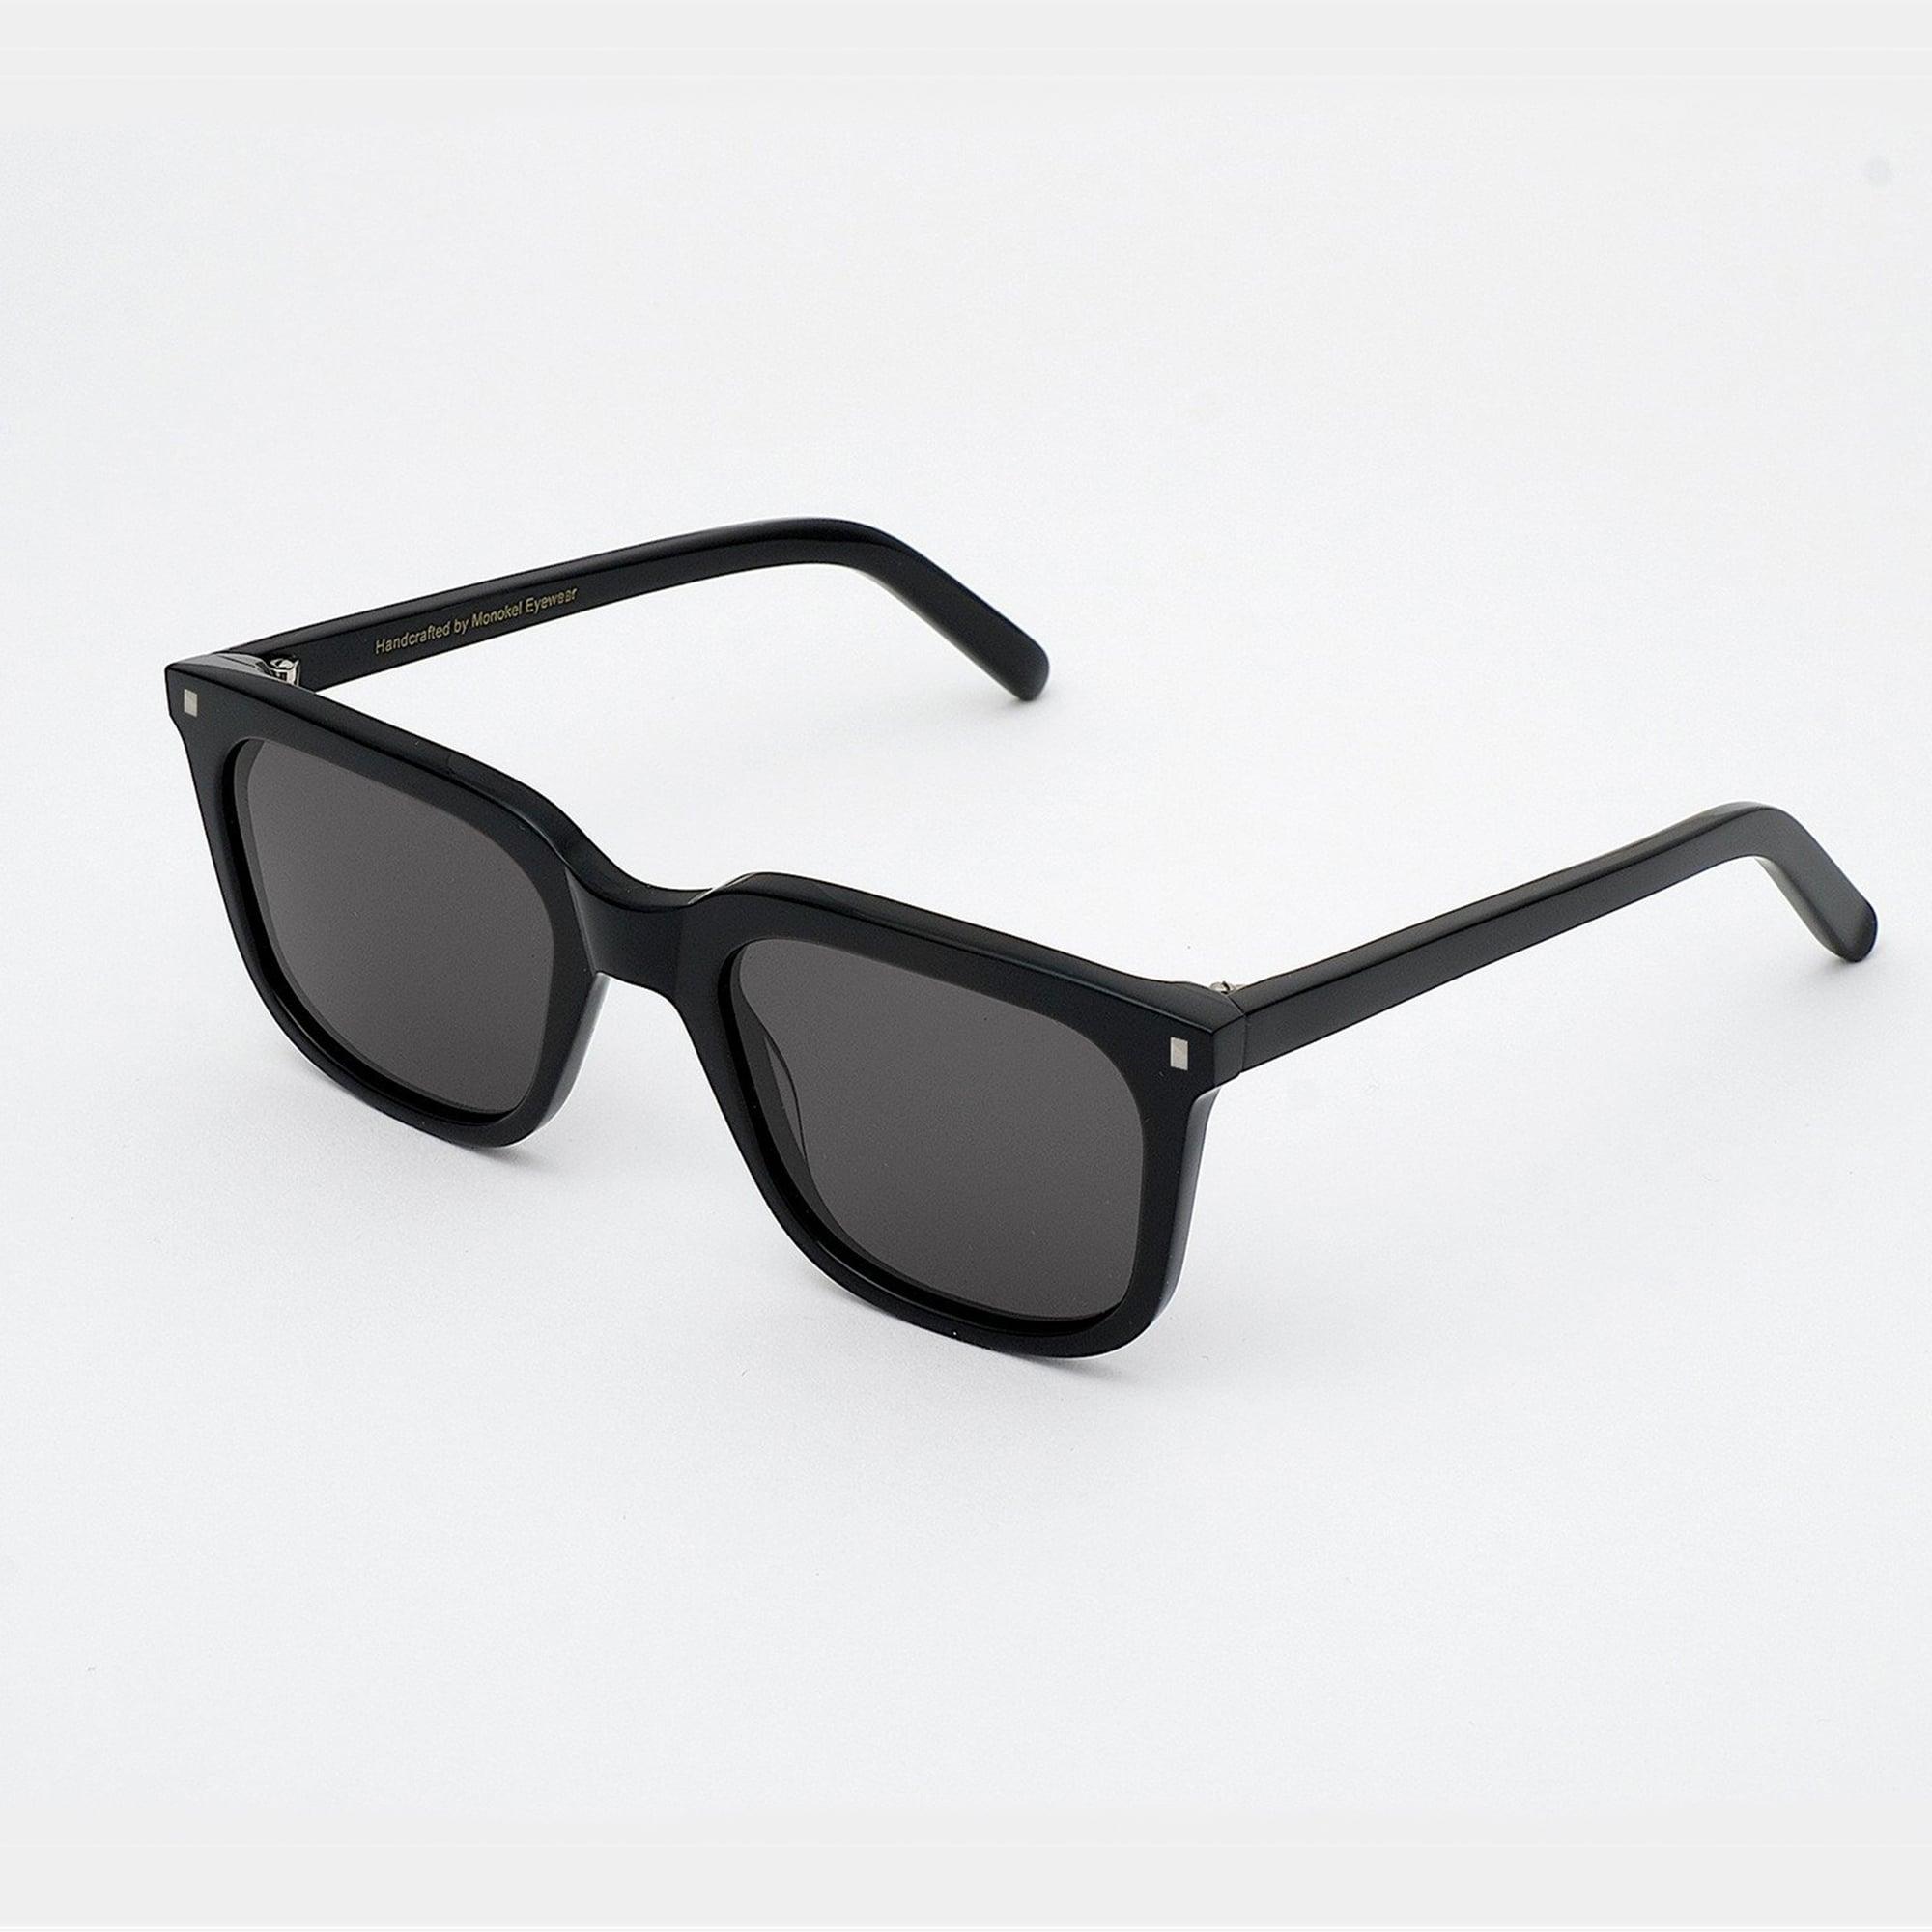 MONOKEL Eyewear images